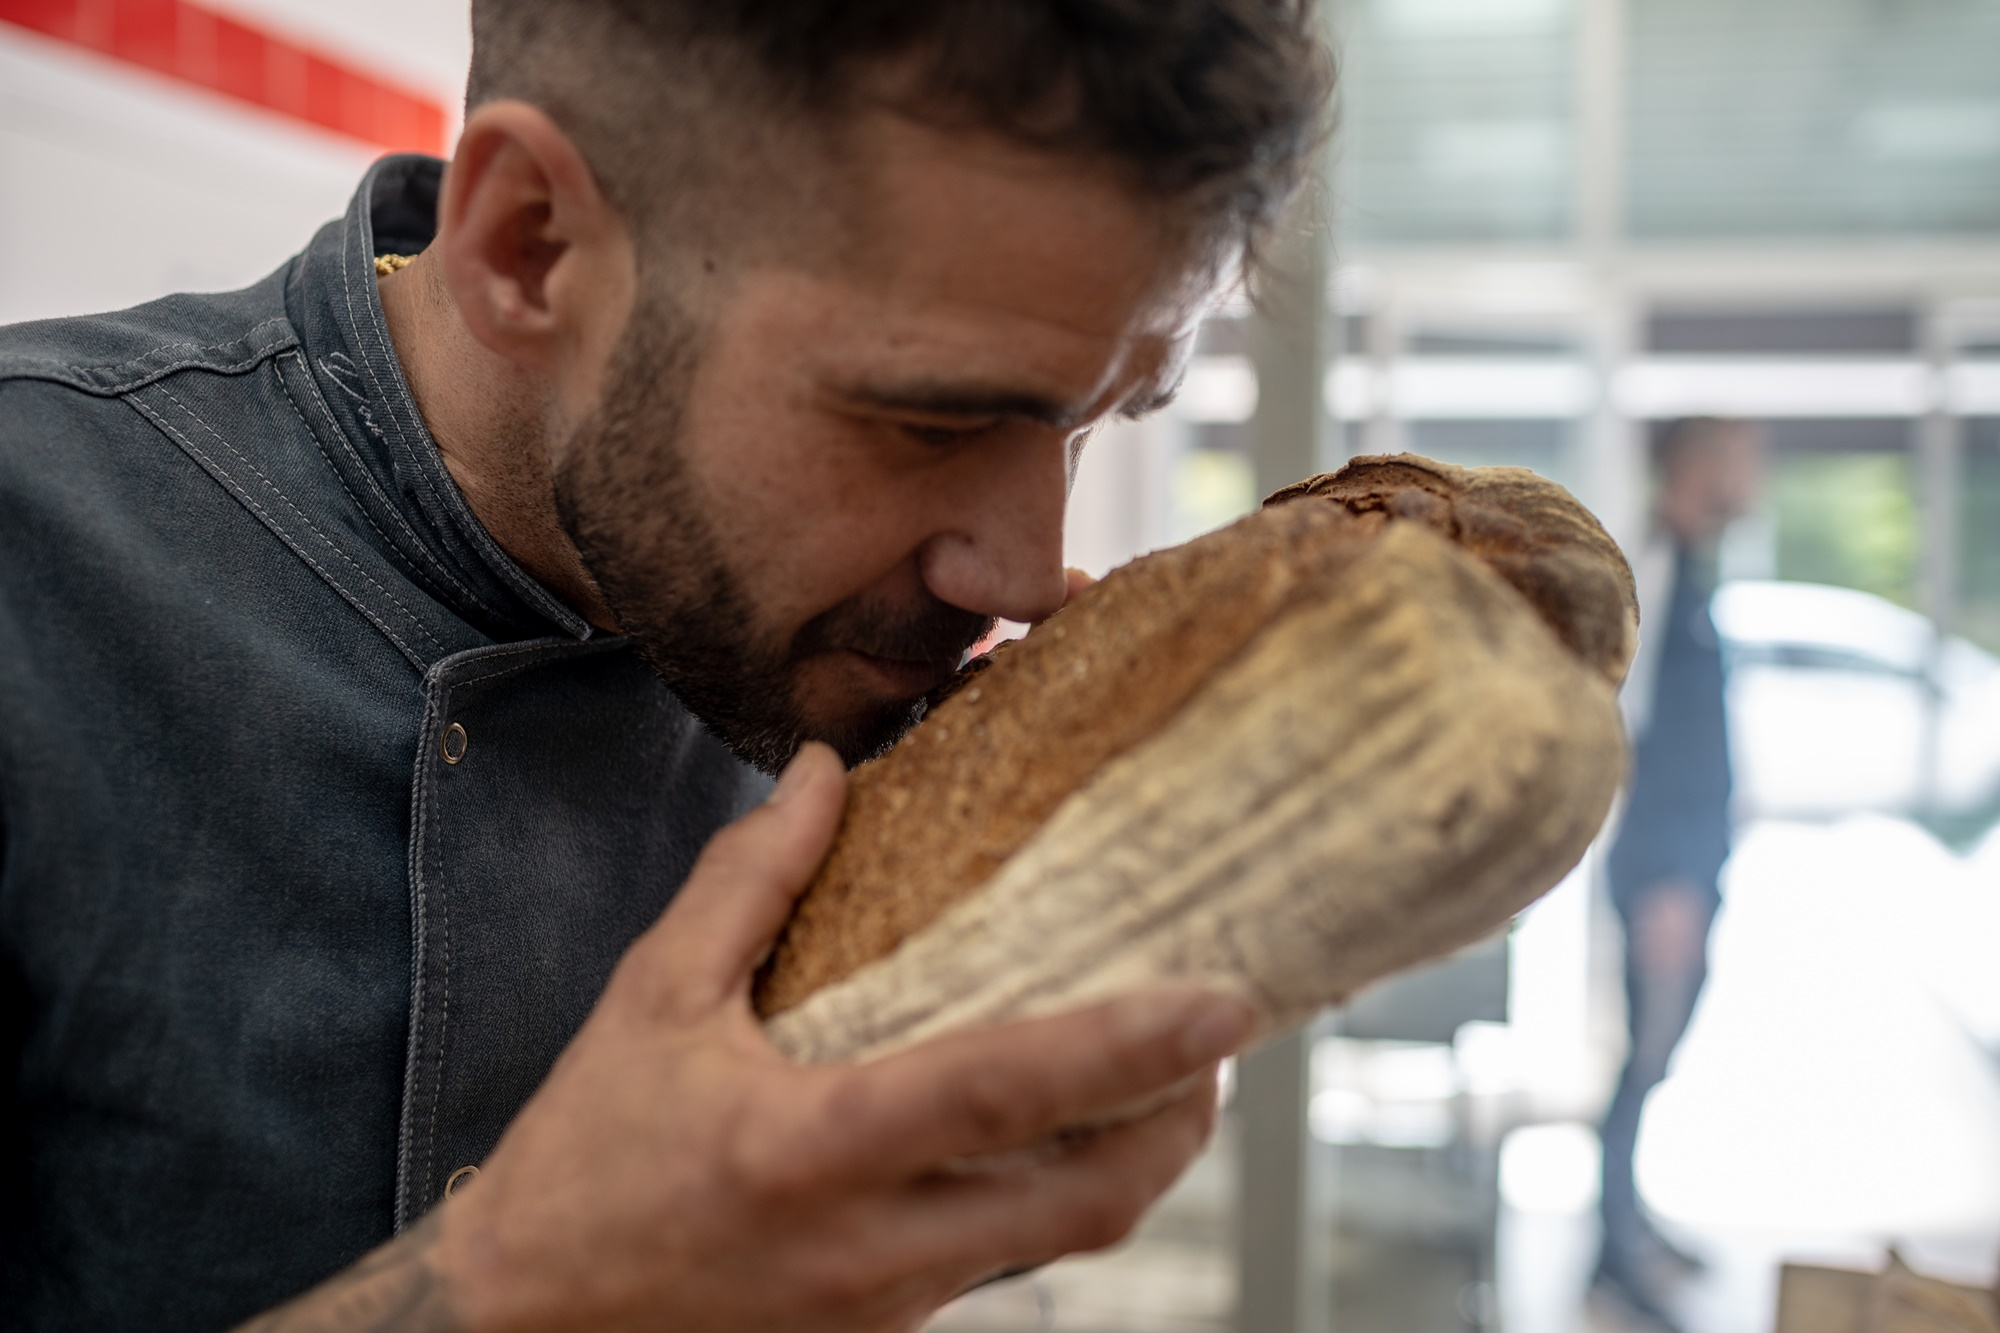 panes la cremita chiclana de la frontera cadiz